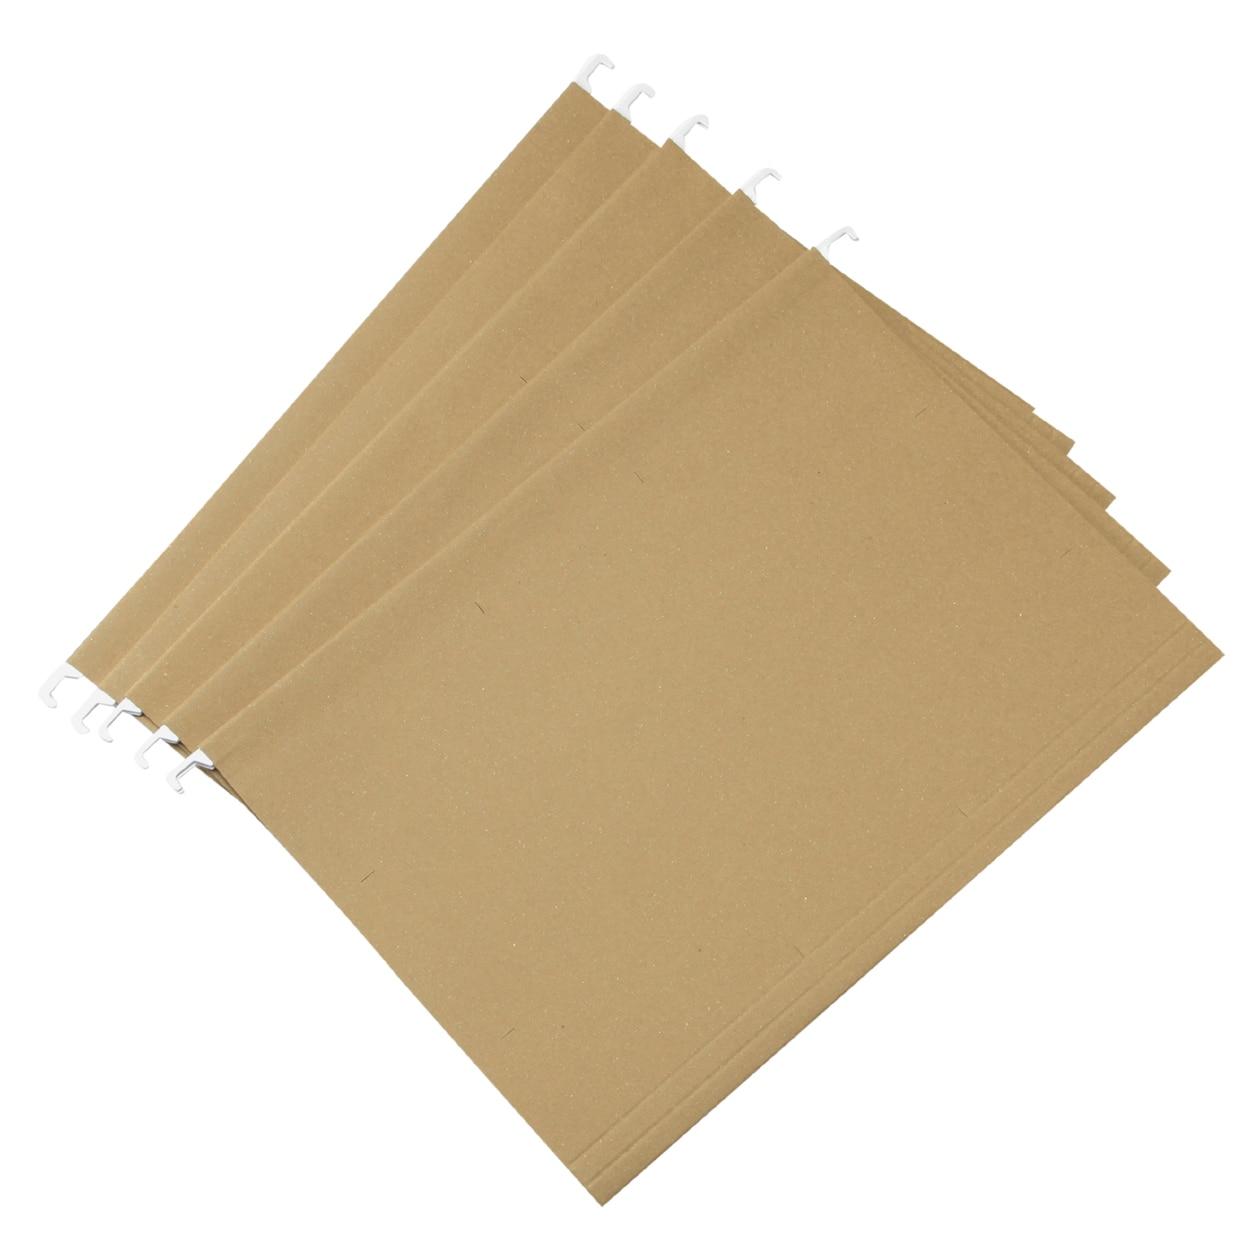 再生紙ハンギングホルダー